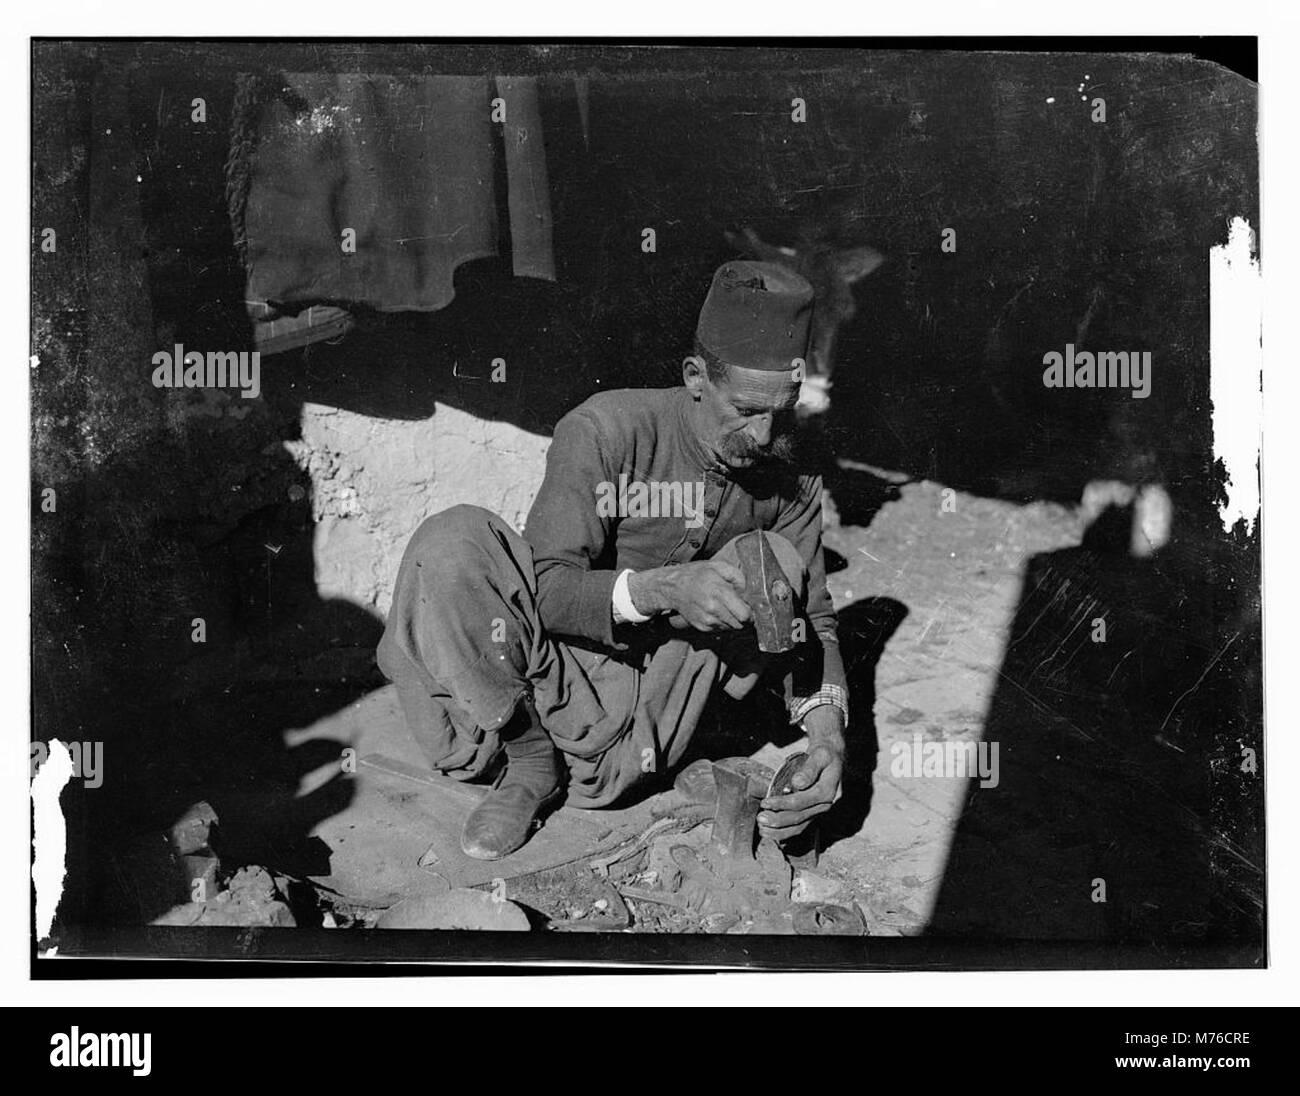 Native blacksmith making horseshoes LOC matpc.13021 - Stock Image